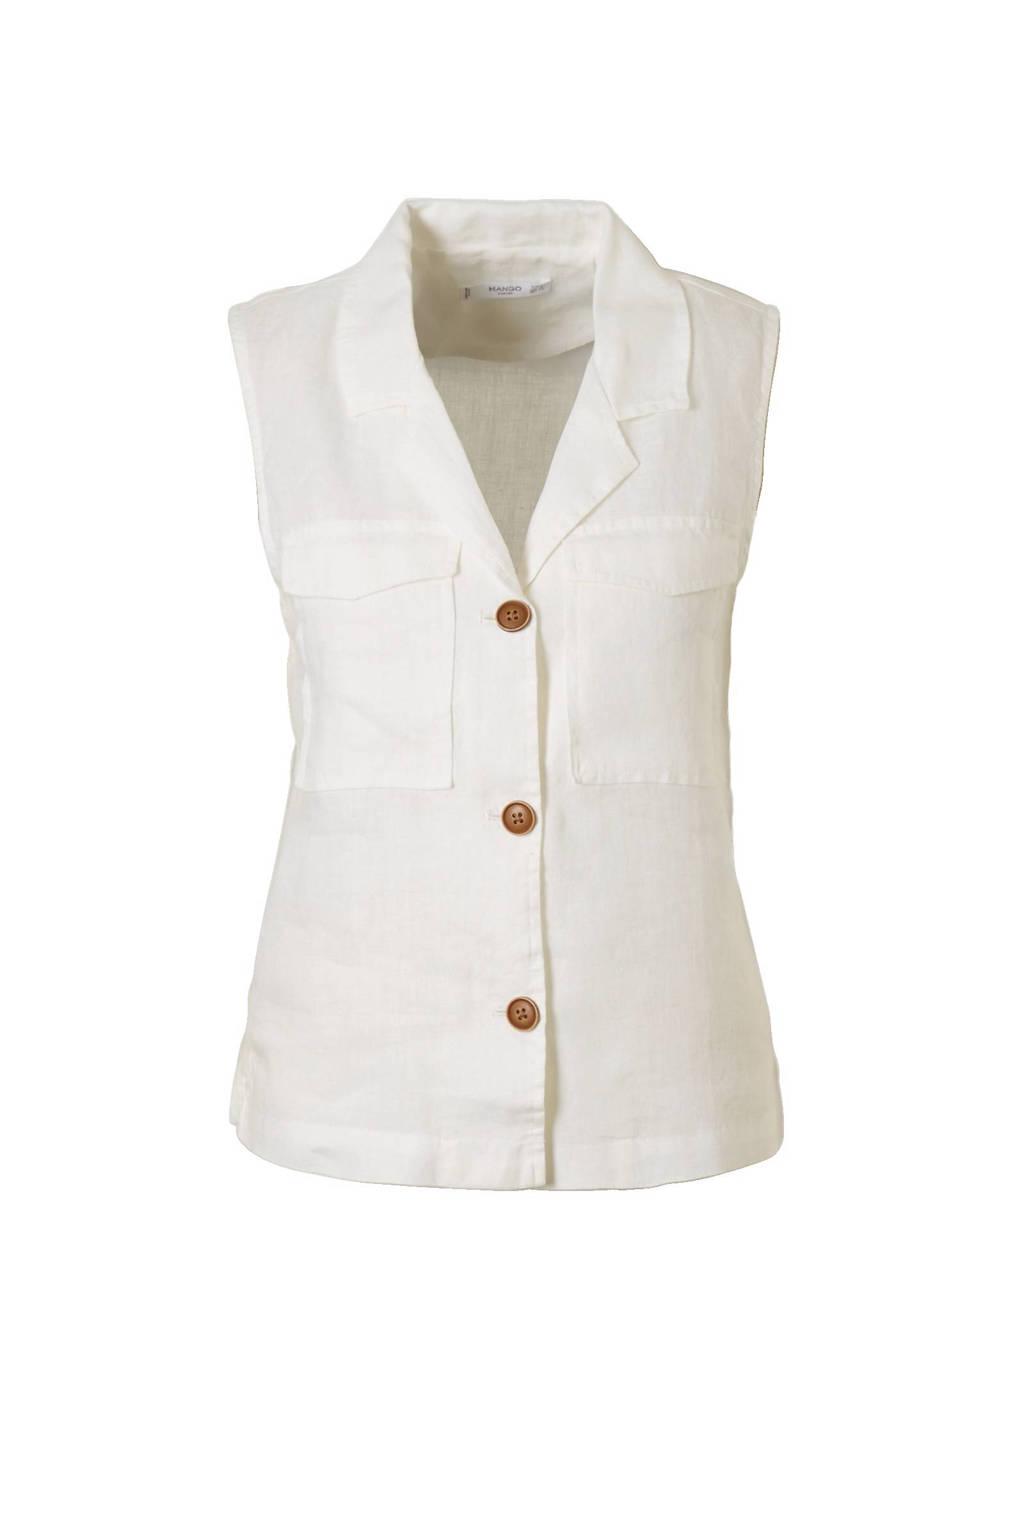 Mango linnen blouse, Gebroken wit